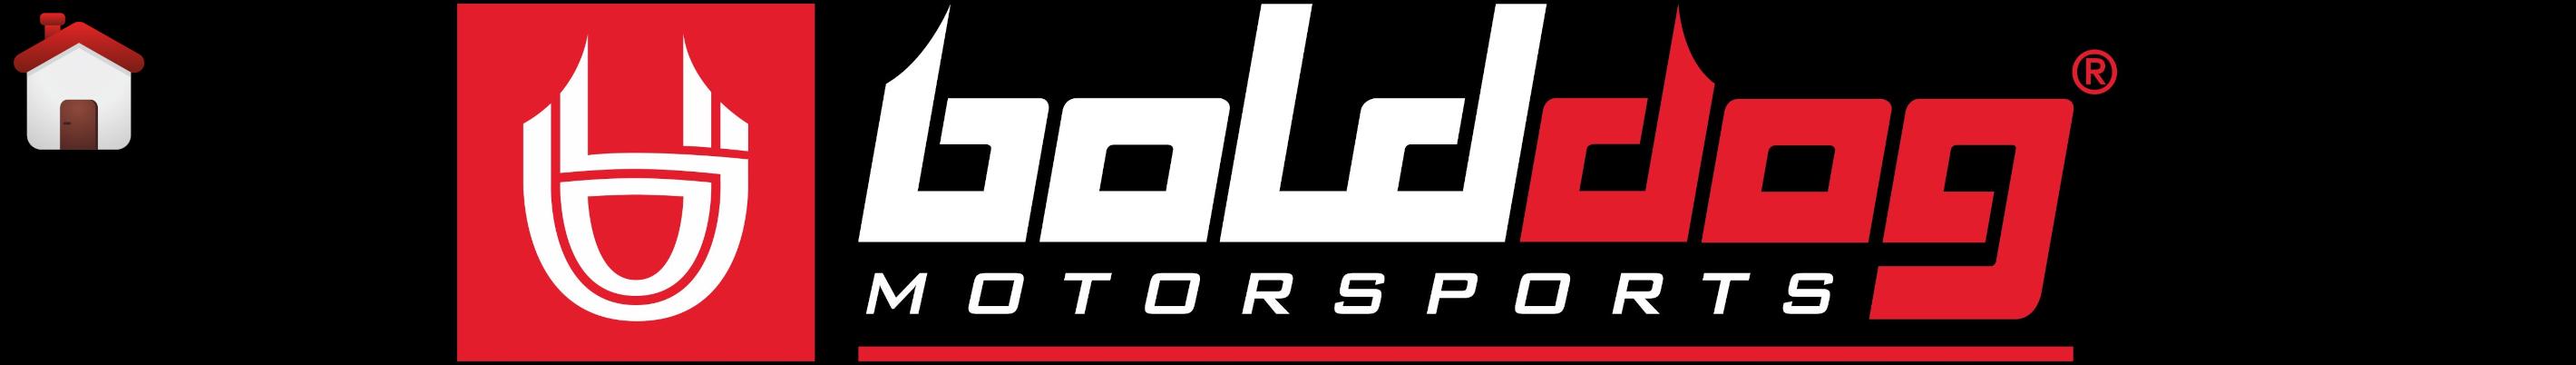 Bolddog Motorsports